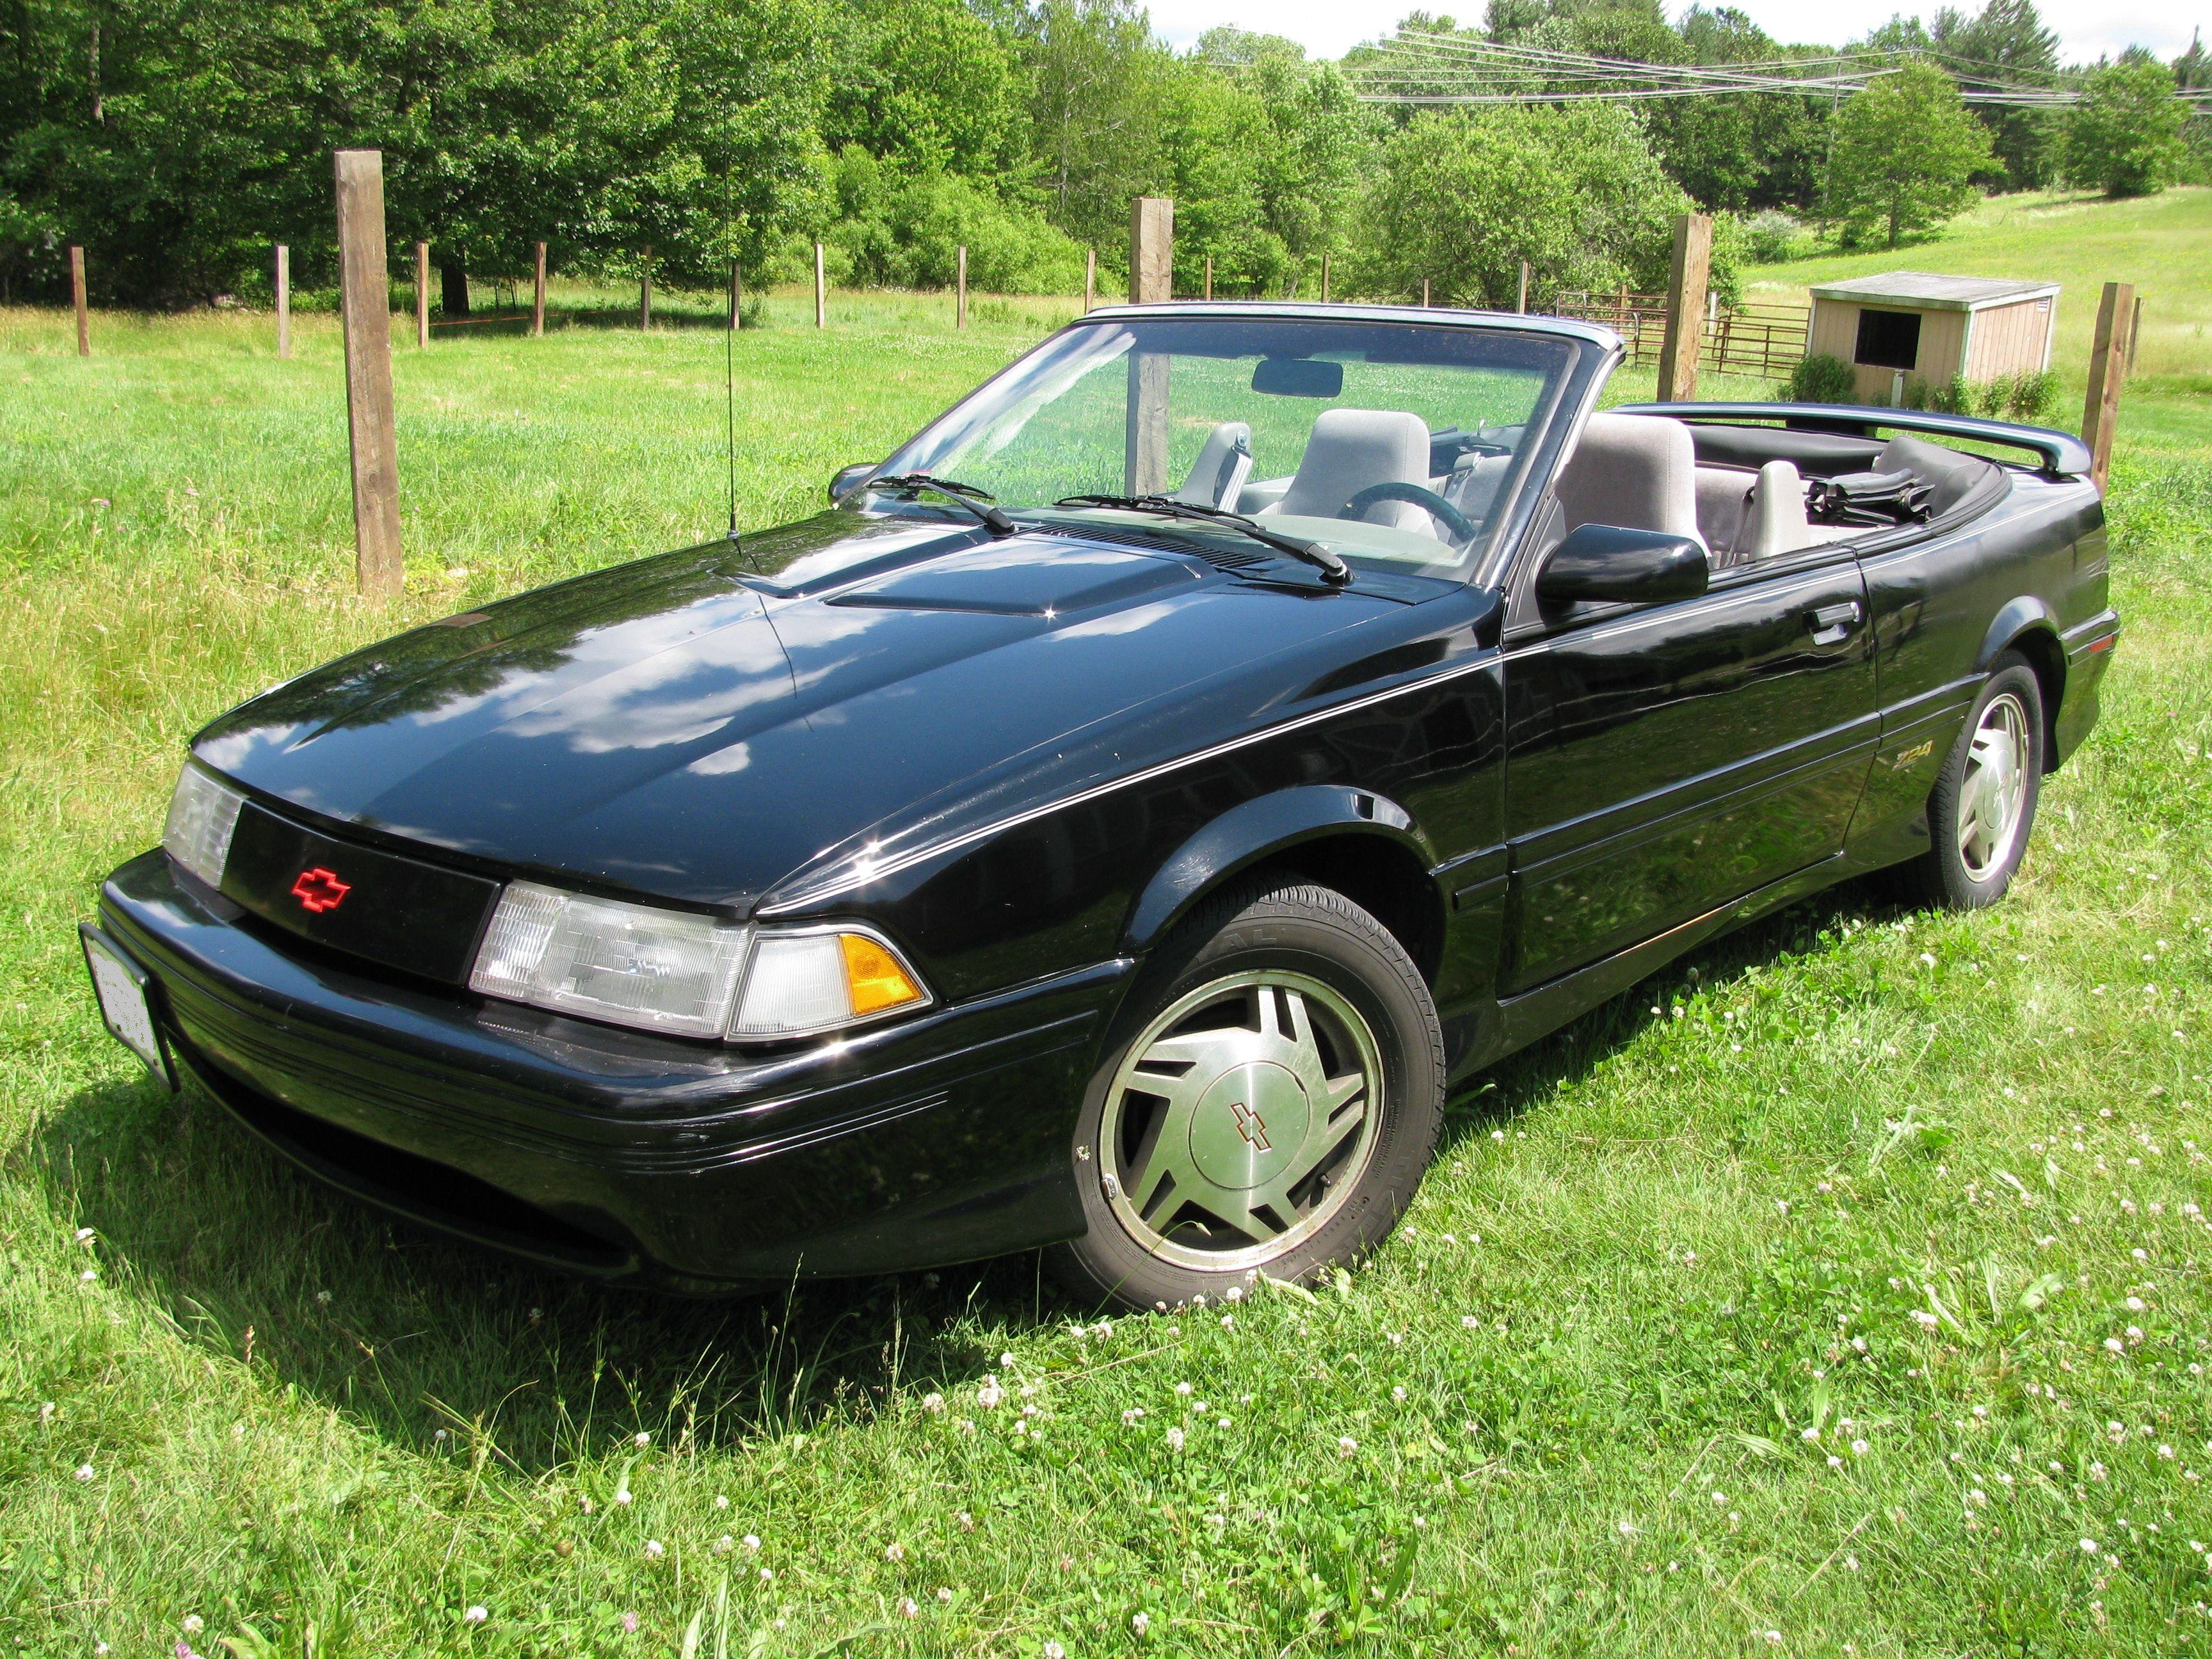 1994 Chevrolet Cavalier Z24 Convertible Cavalier Convertible Autos